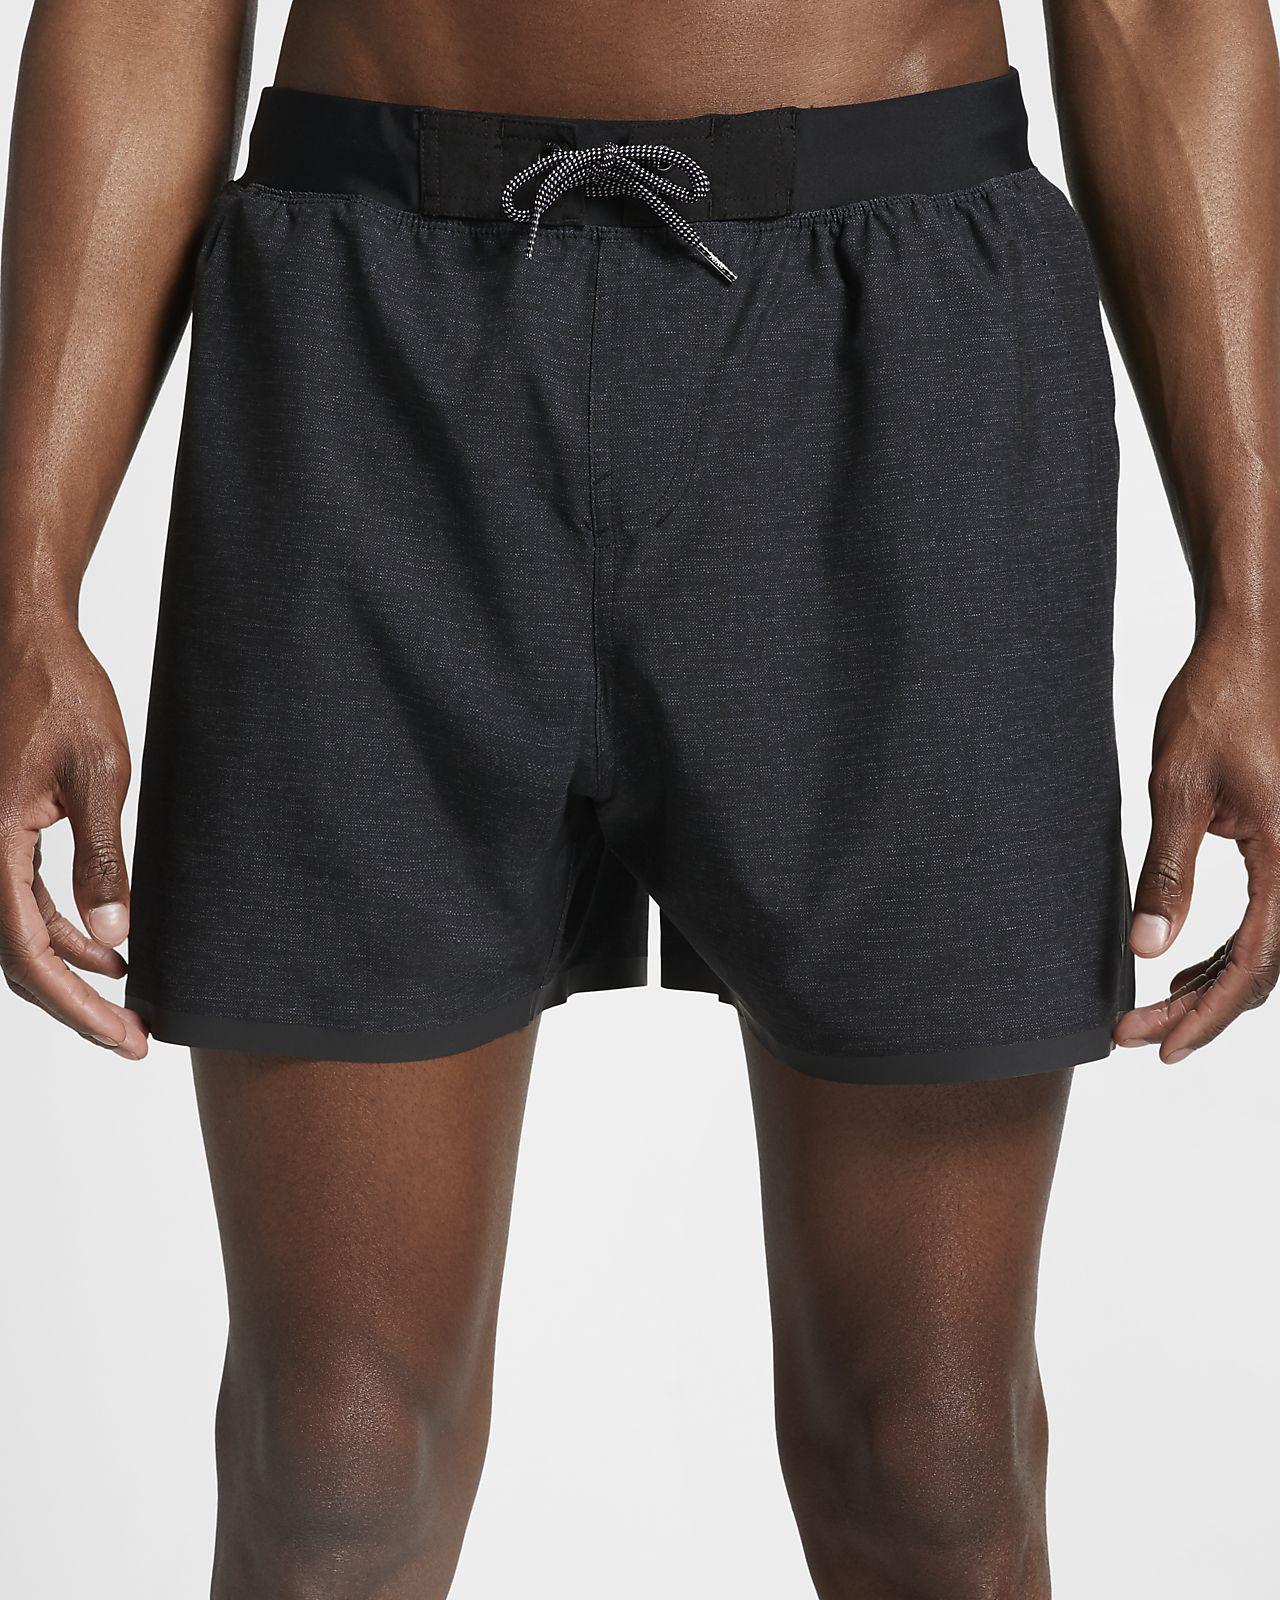 Nike Badeshort. Dri FIT. Bermuda mit Innenhose. Tasche mit